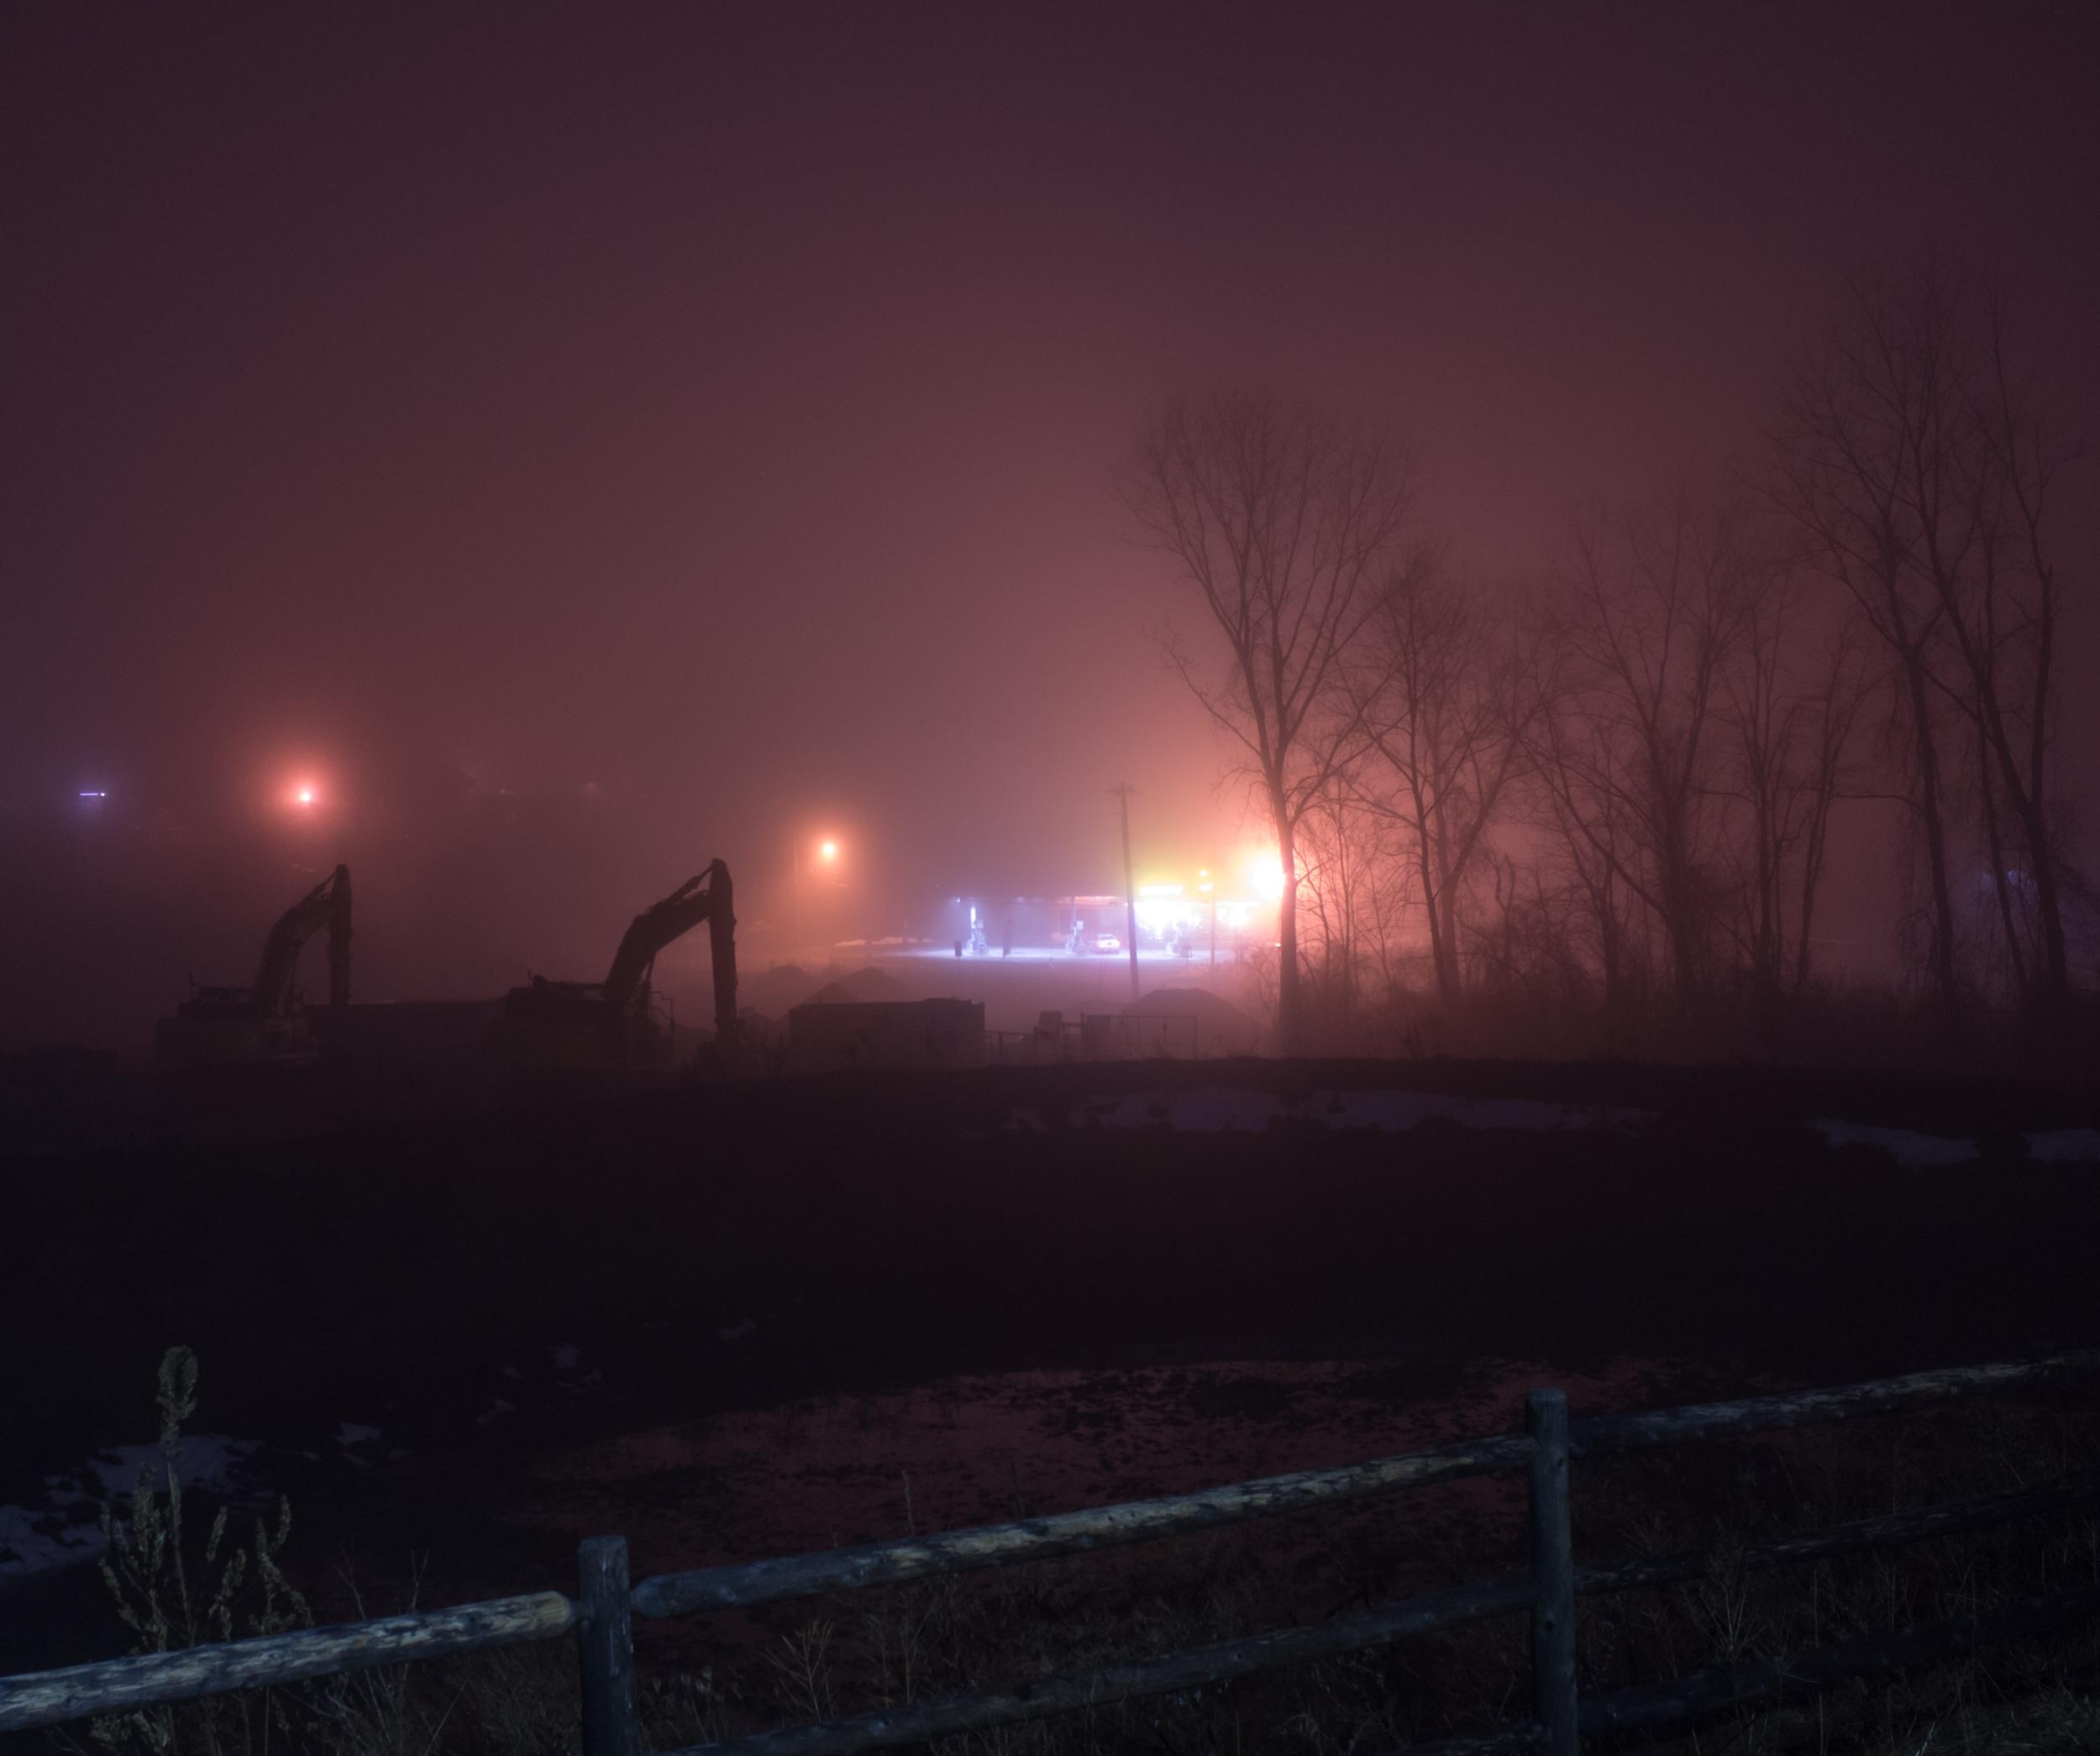 The Fog, 2017